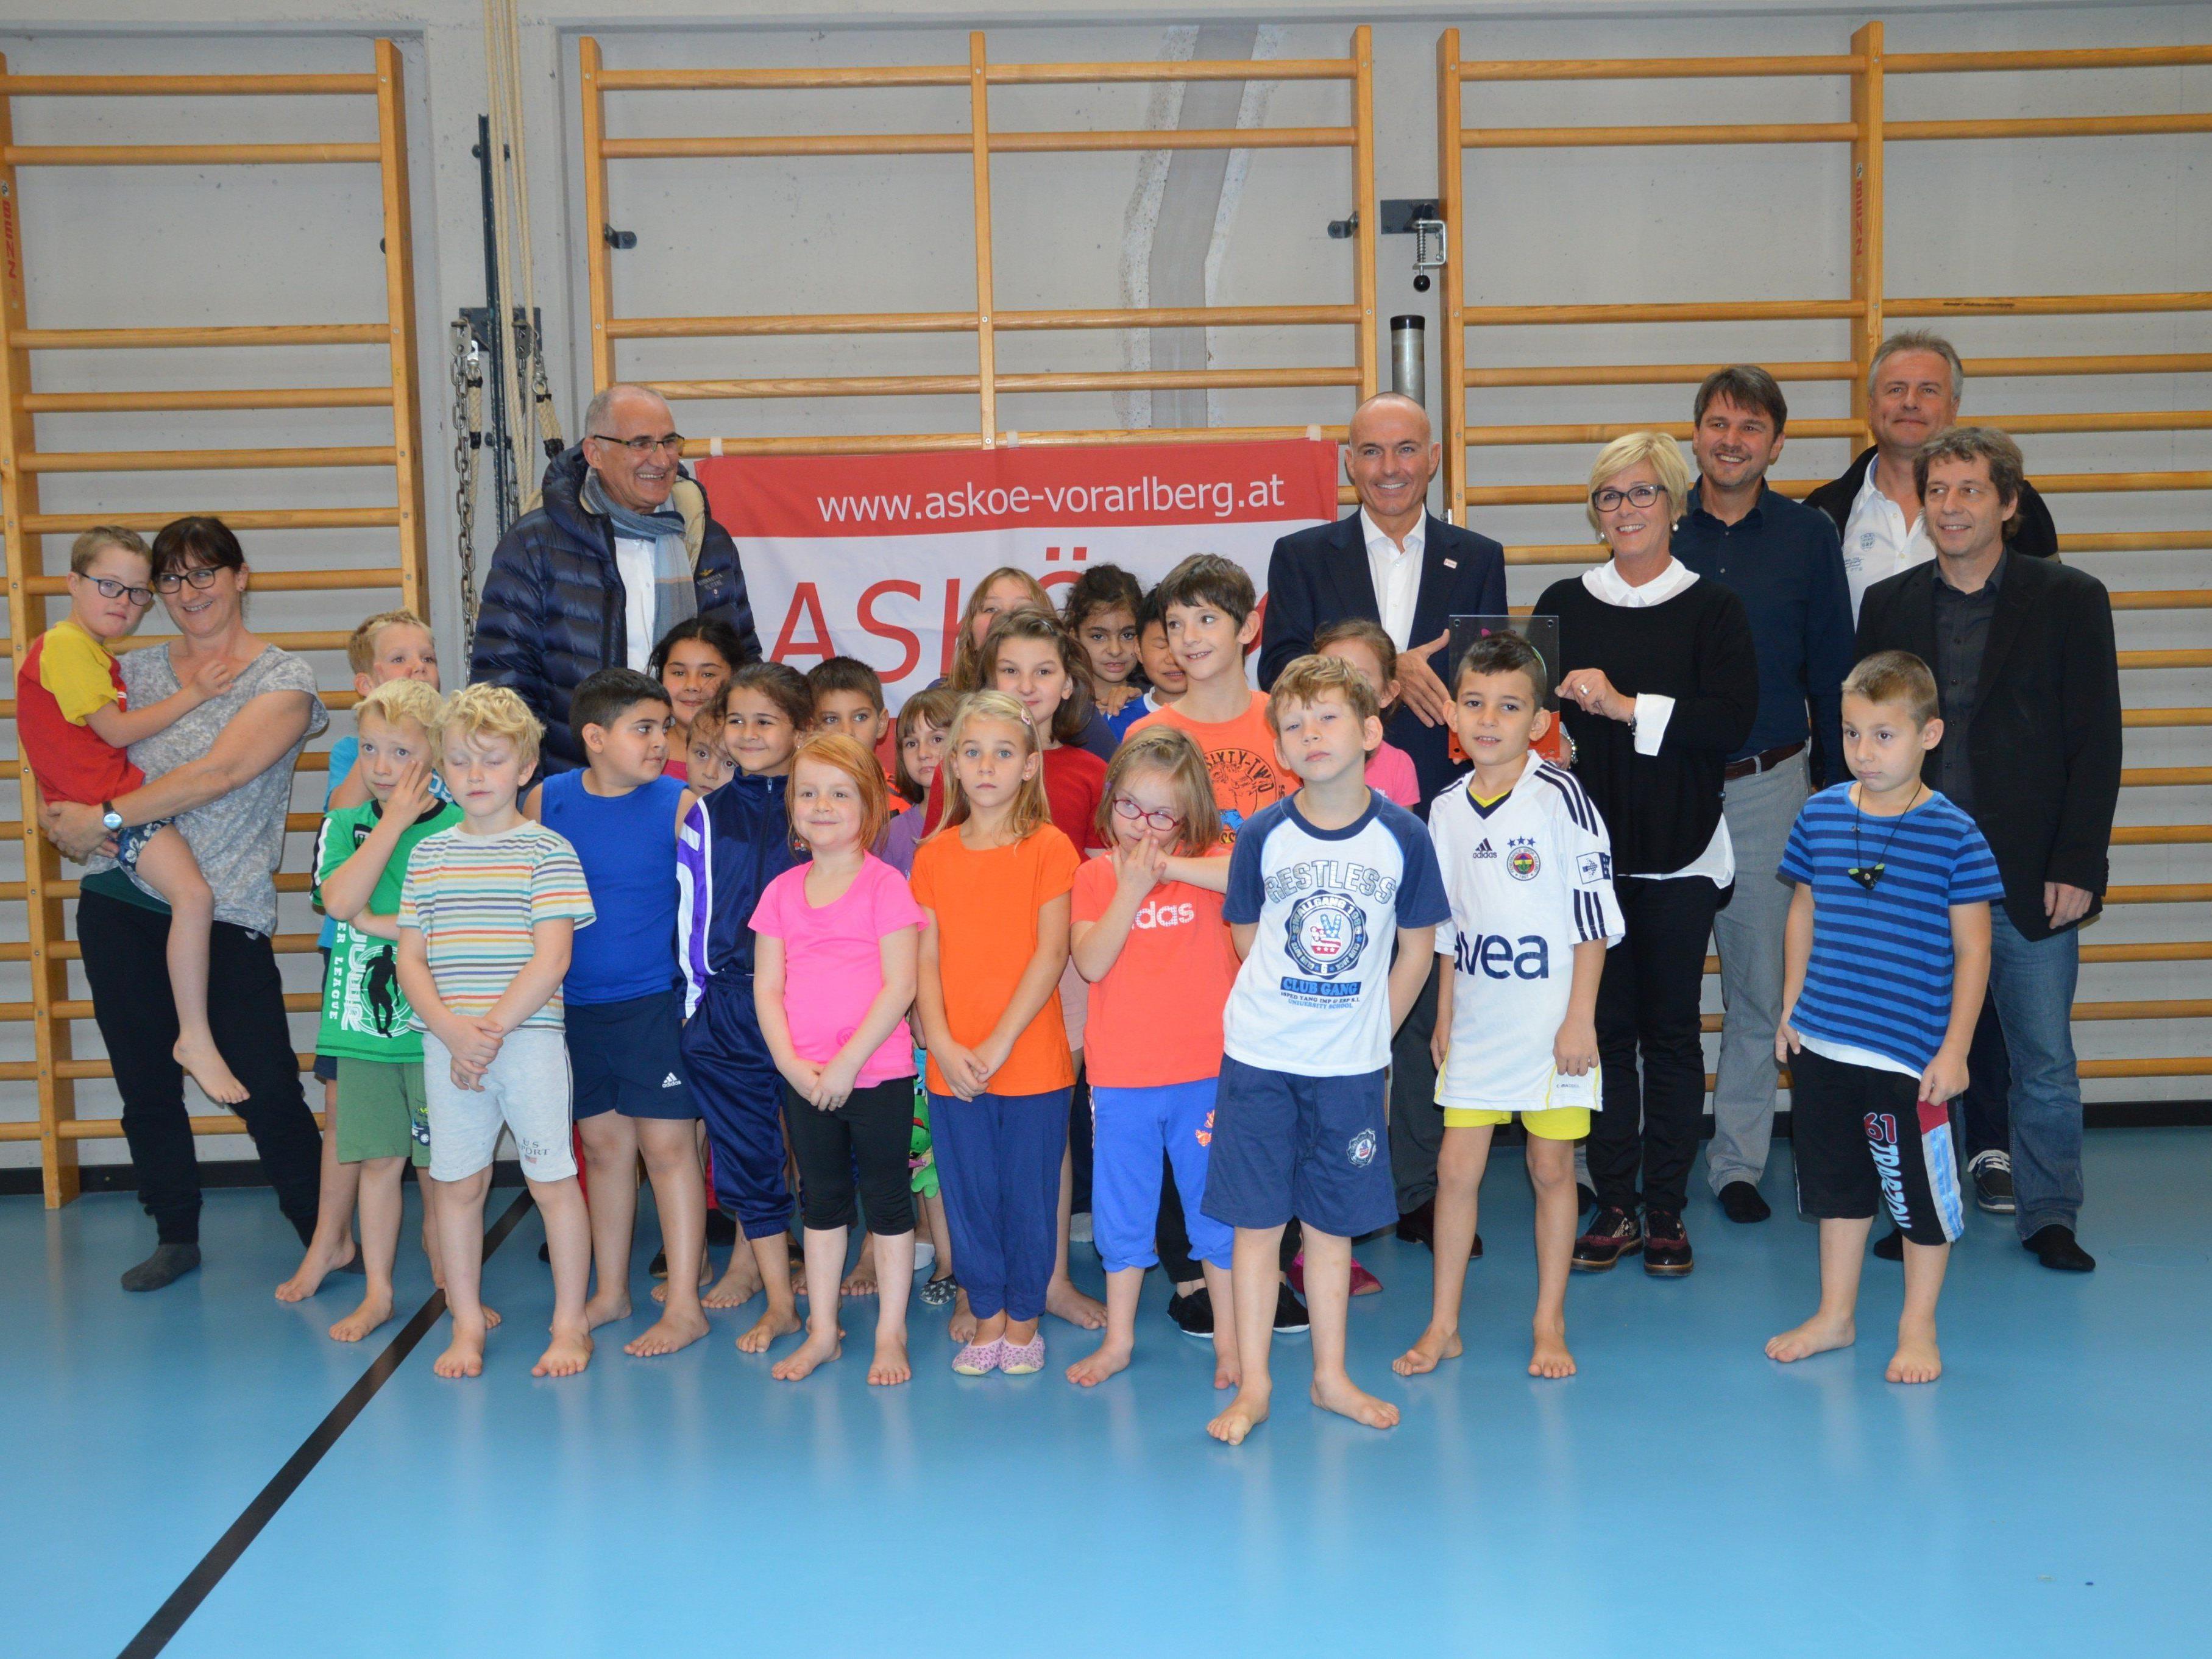 Die bewegteste Sonderschule Österreichs steht in Lustenau